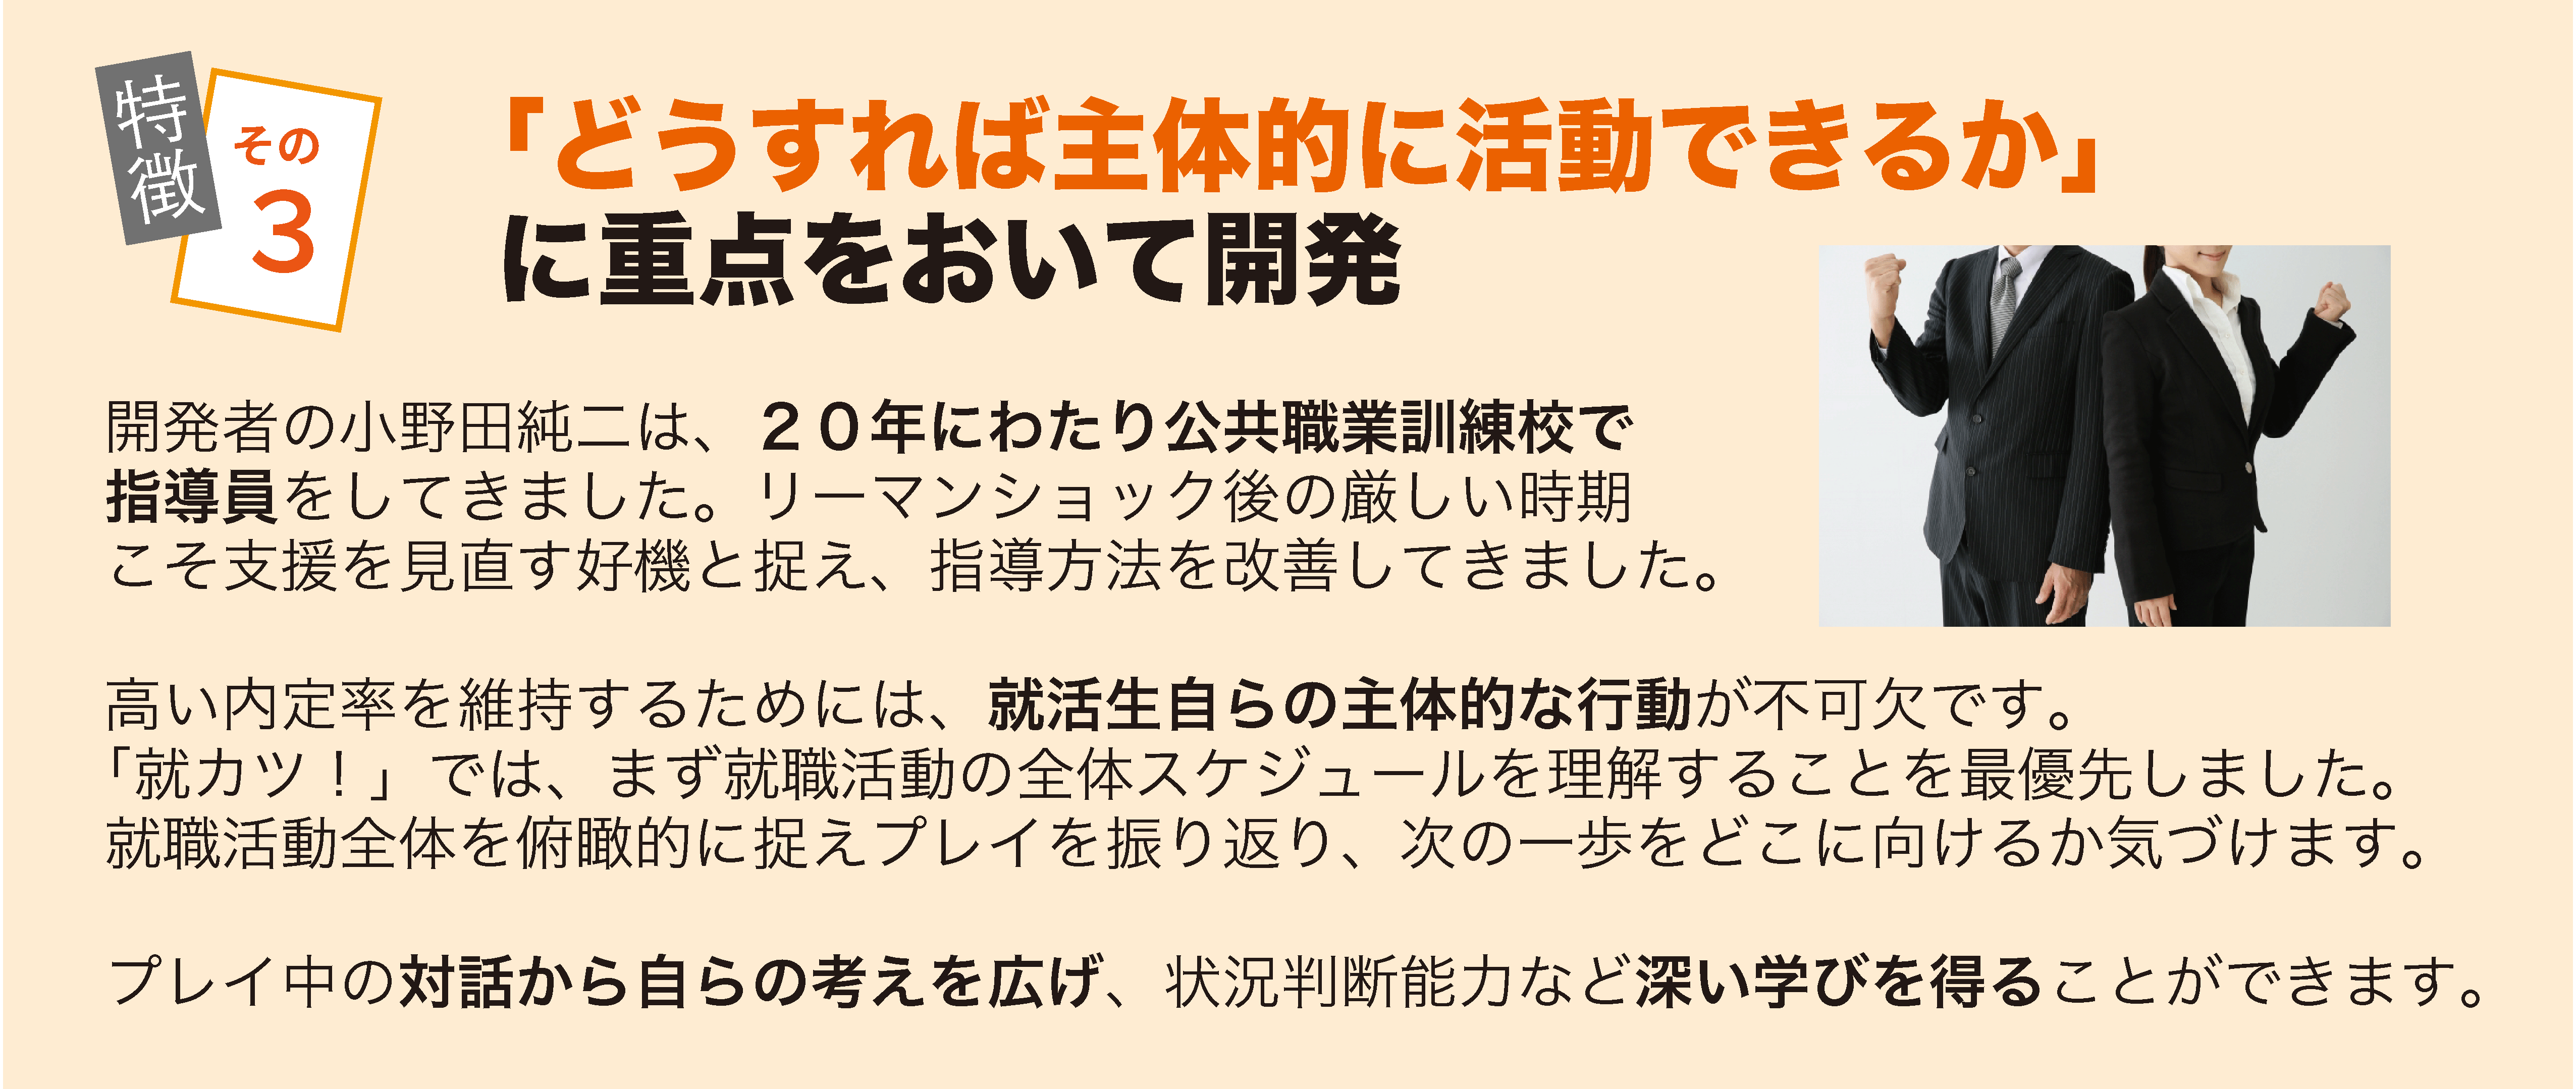 特徴その3 開発者の小野田純二は、20年にわたり公共職業訓練校で指導員をしてきました。リーマンショック後の厳しい時期こそ支援を見直す好機と捉え、指導方法を改善してきました。 高い内定率を維持するためには、就活生自らの主体的な行動が不可欠です。「就カツ!」では、まず就職活動の全体スケジュールを理解することを最優先しました。就職活動全体を俯瞰的に捉えることで、次の一歩をどこに向けるか気づけます。 プレイ中の対話から自らの考えを広げ、状況判断能力など深い学びを得ることができます。